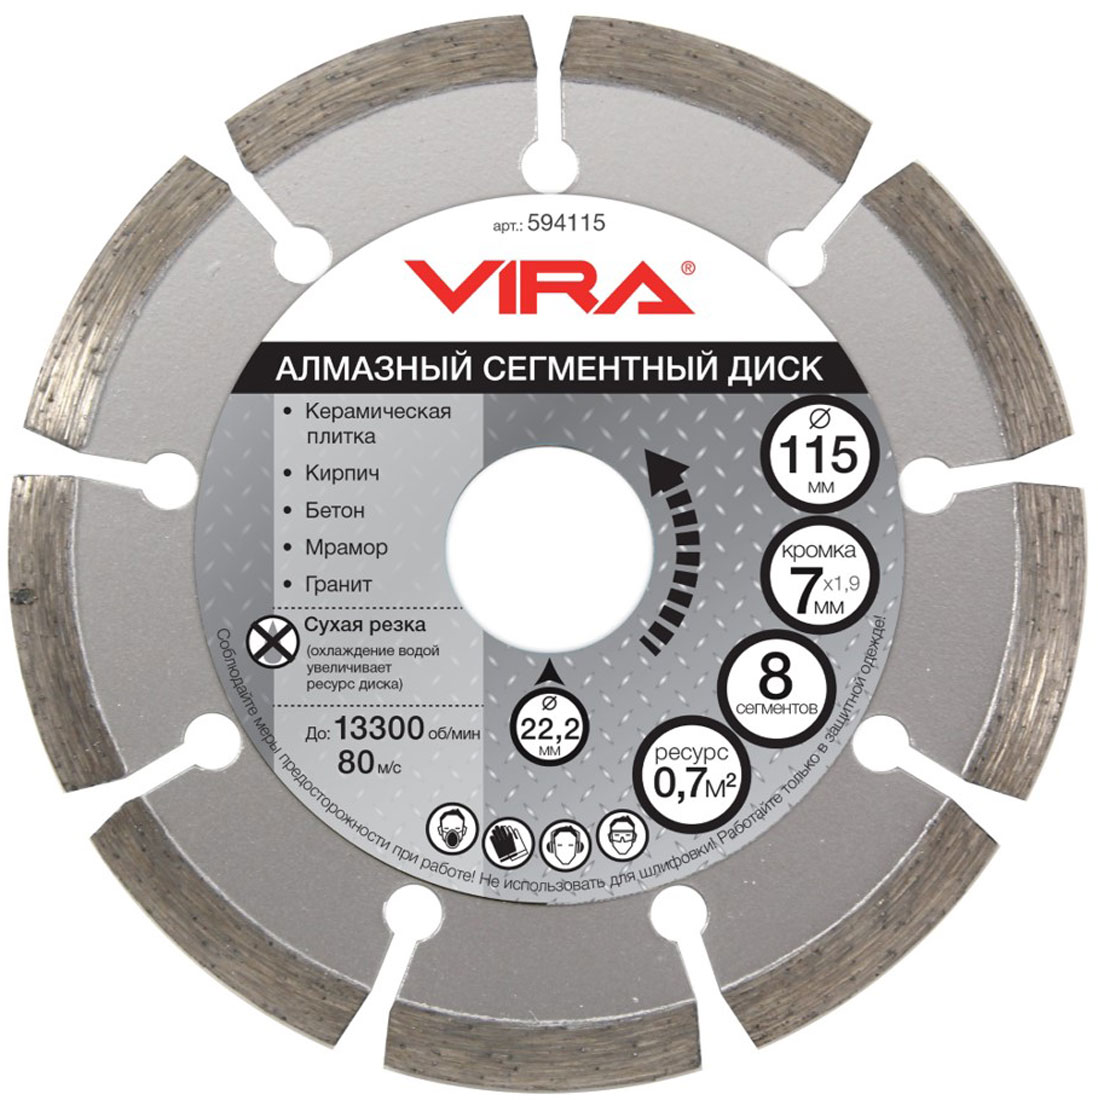 Диск алмазный Vira, сегментный, наружный диаметр 115 мм диск алмазный vira турбо наружный диаметр 230 мм 593230